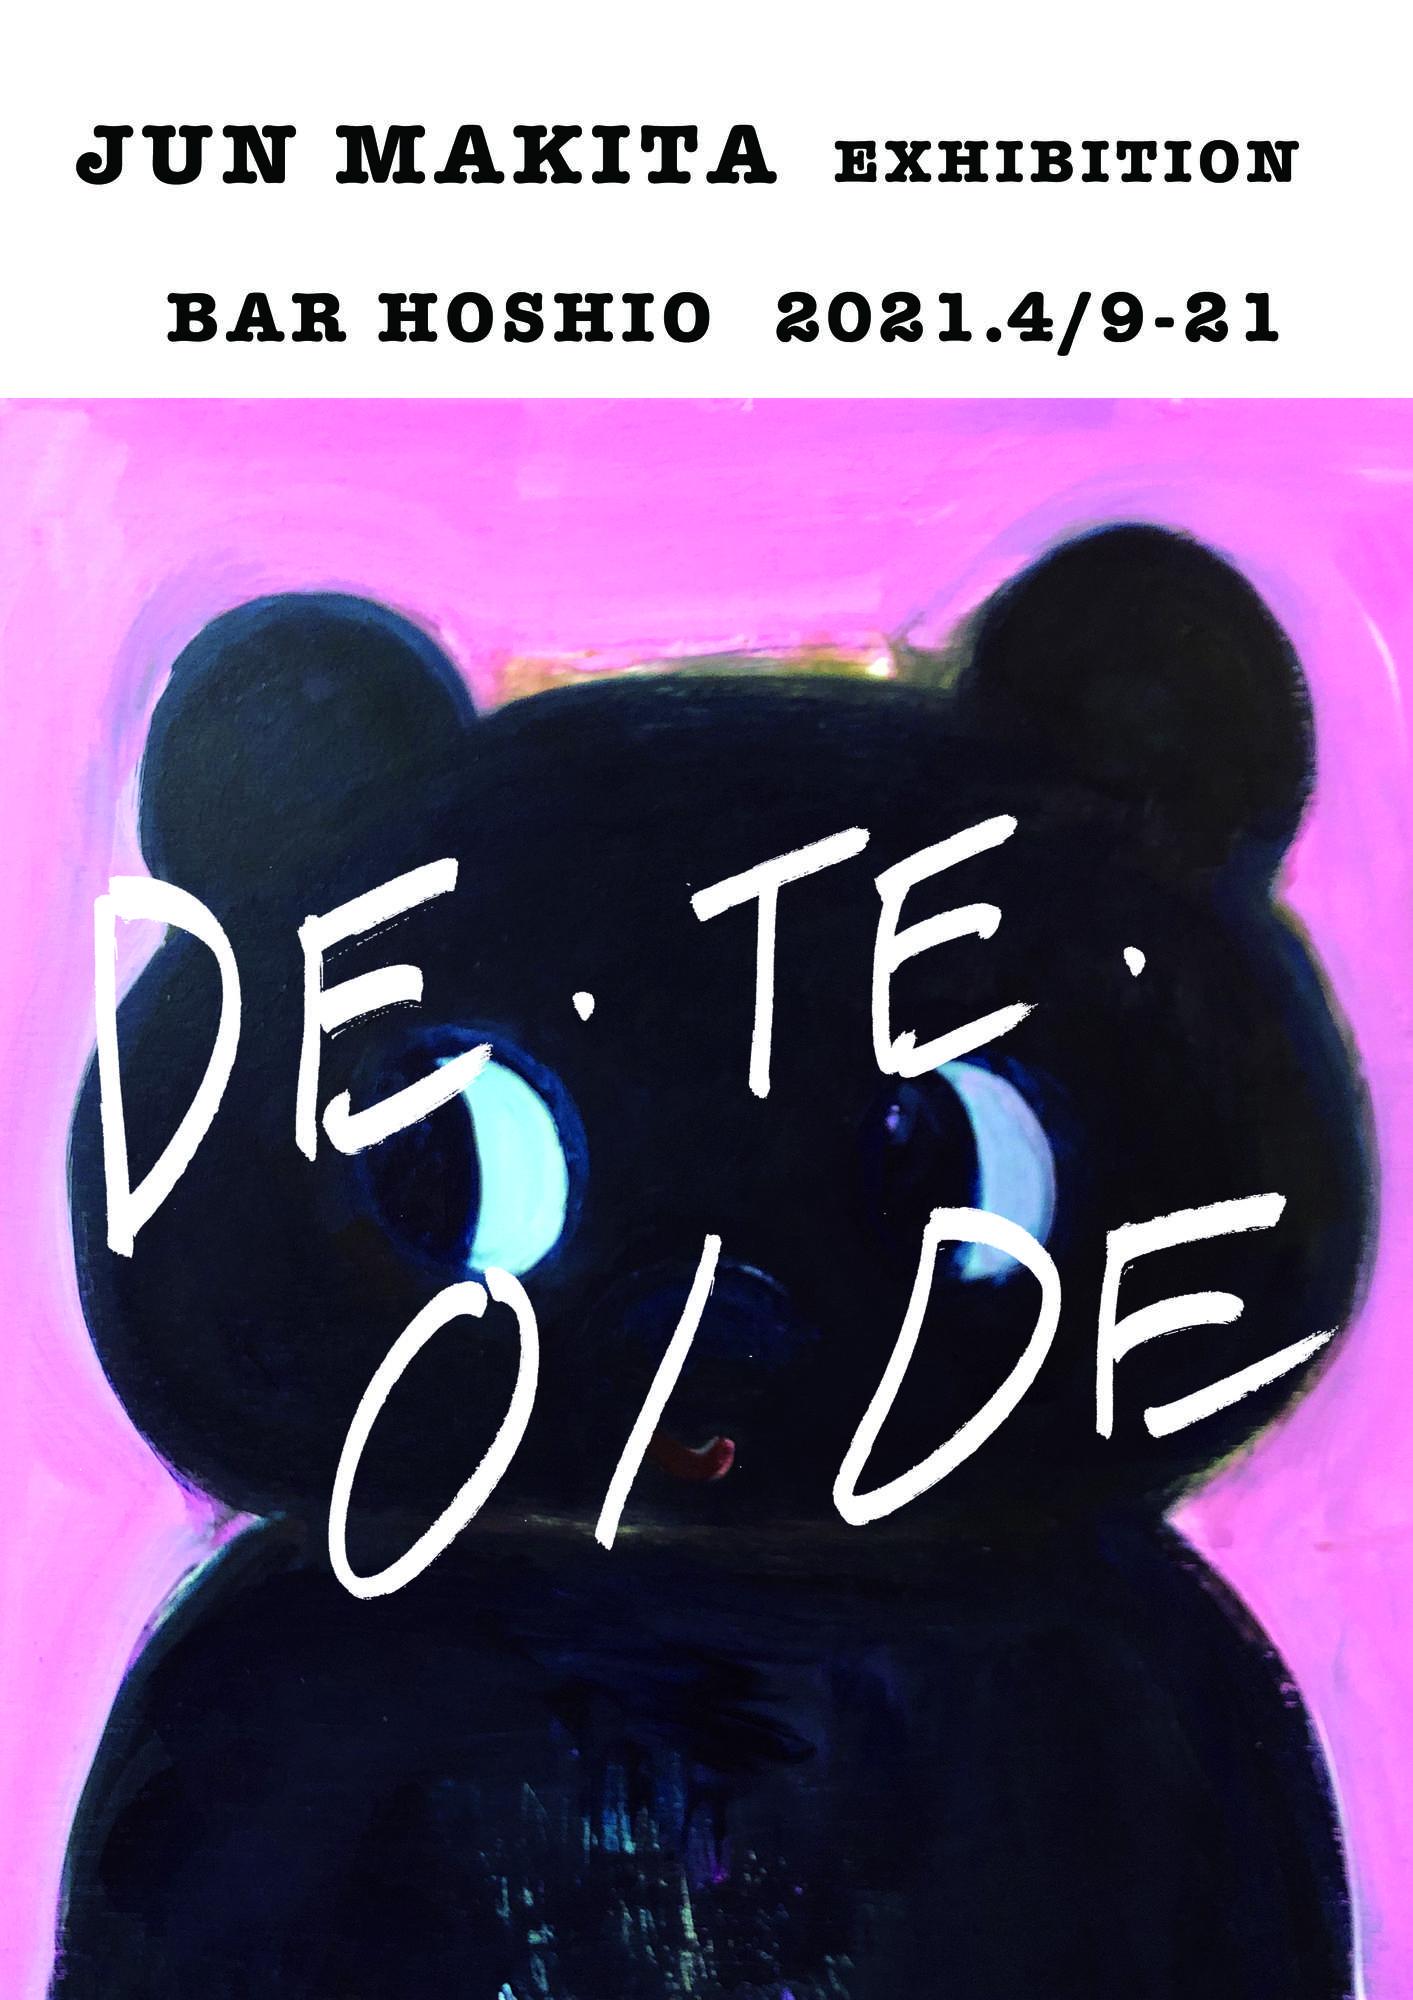 CAMISAMAとしても活動している画家・牧田純が個展<DE・TE・OIDE>を4/9〜21までBAR 星男 で行います。